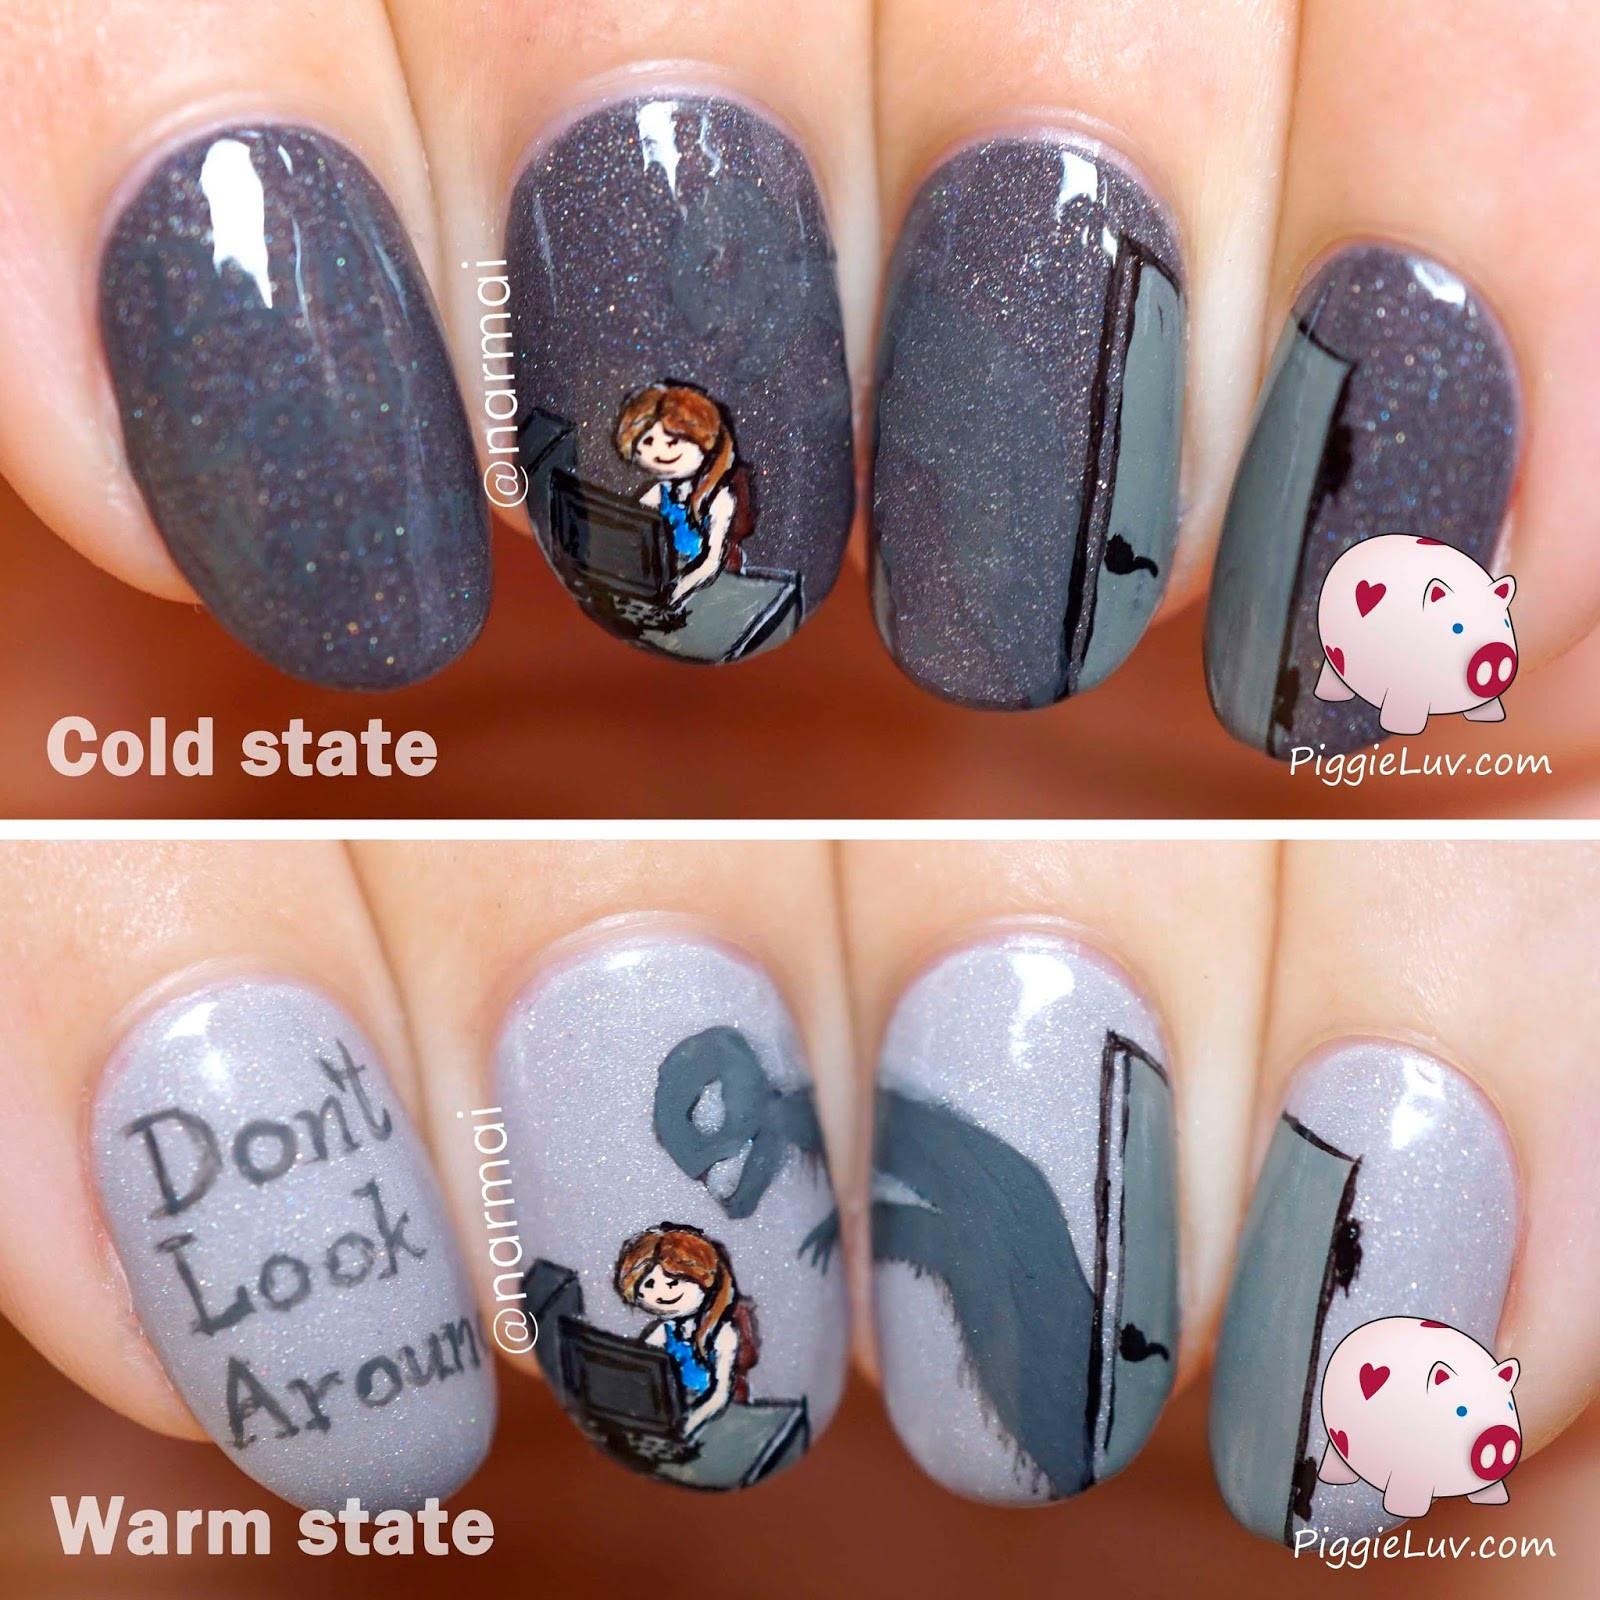 Monster Nail Designs  PiggieLuv Hidden monster nail art for Halloween